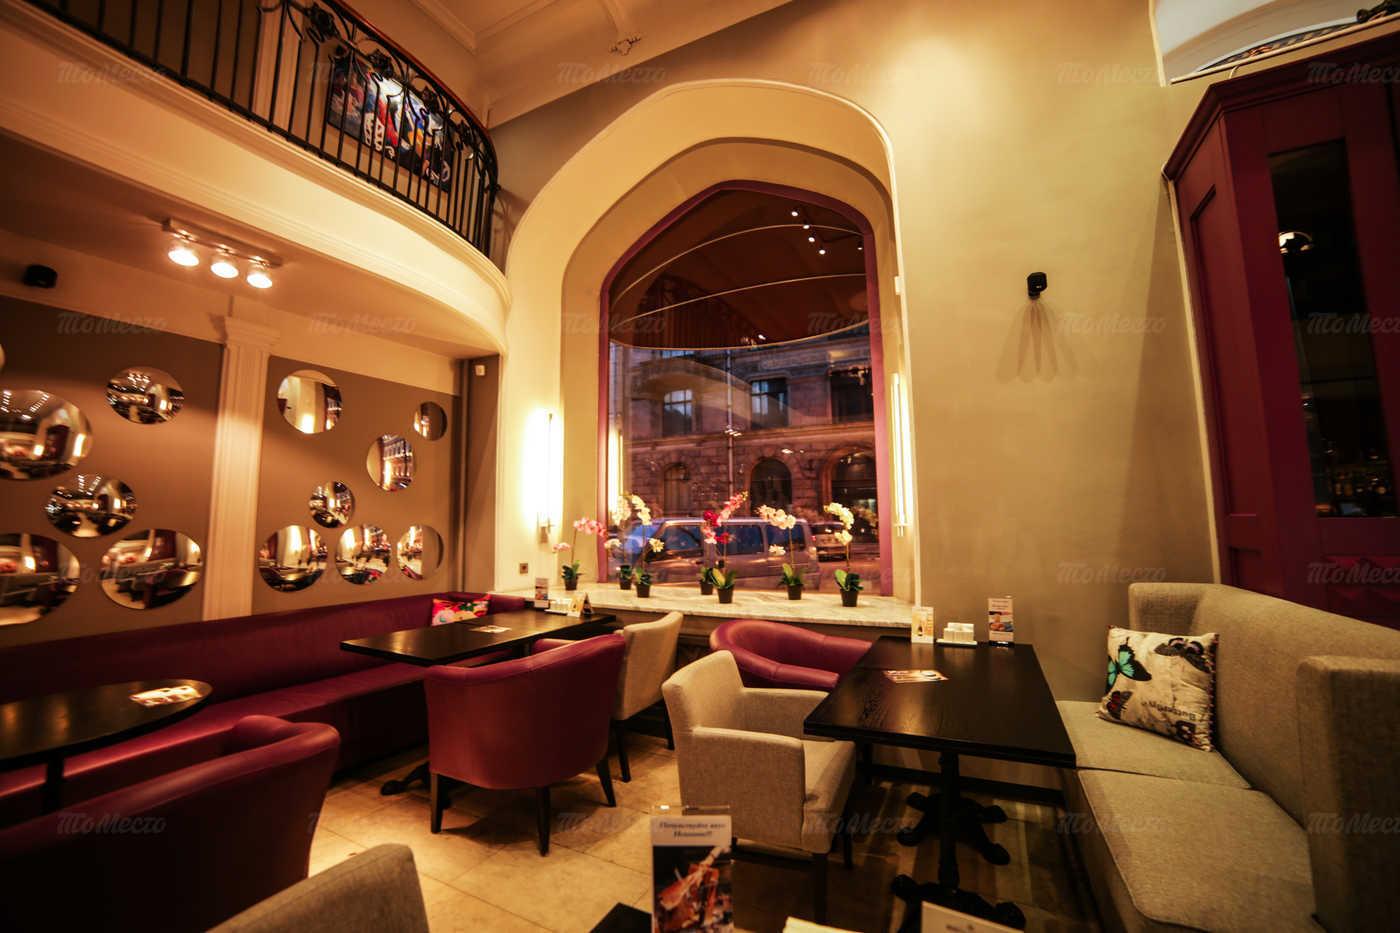 Меню бара, кафе, ресторана Буржуа на Большой Морской улице